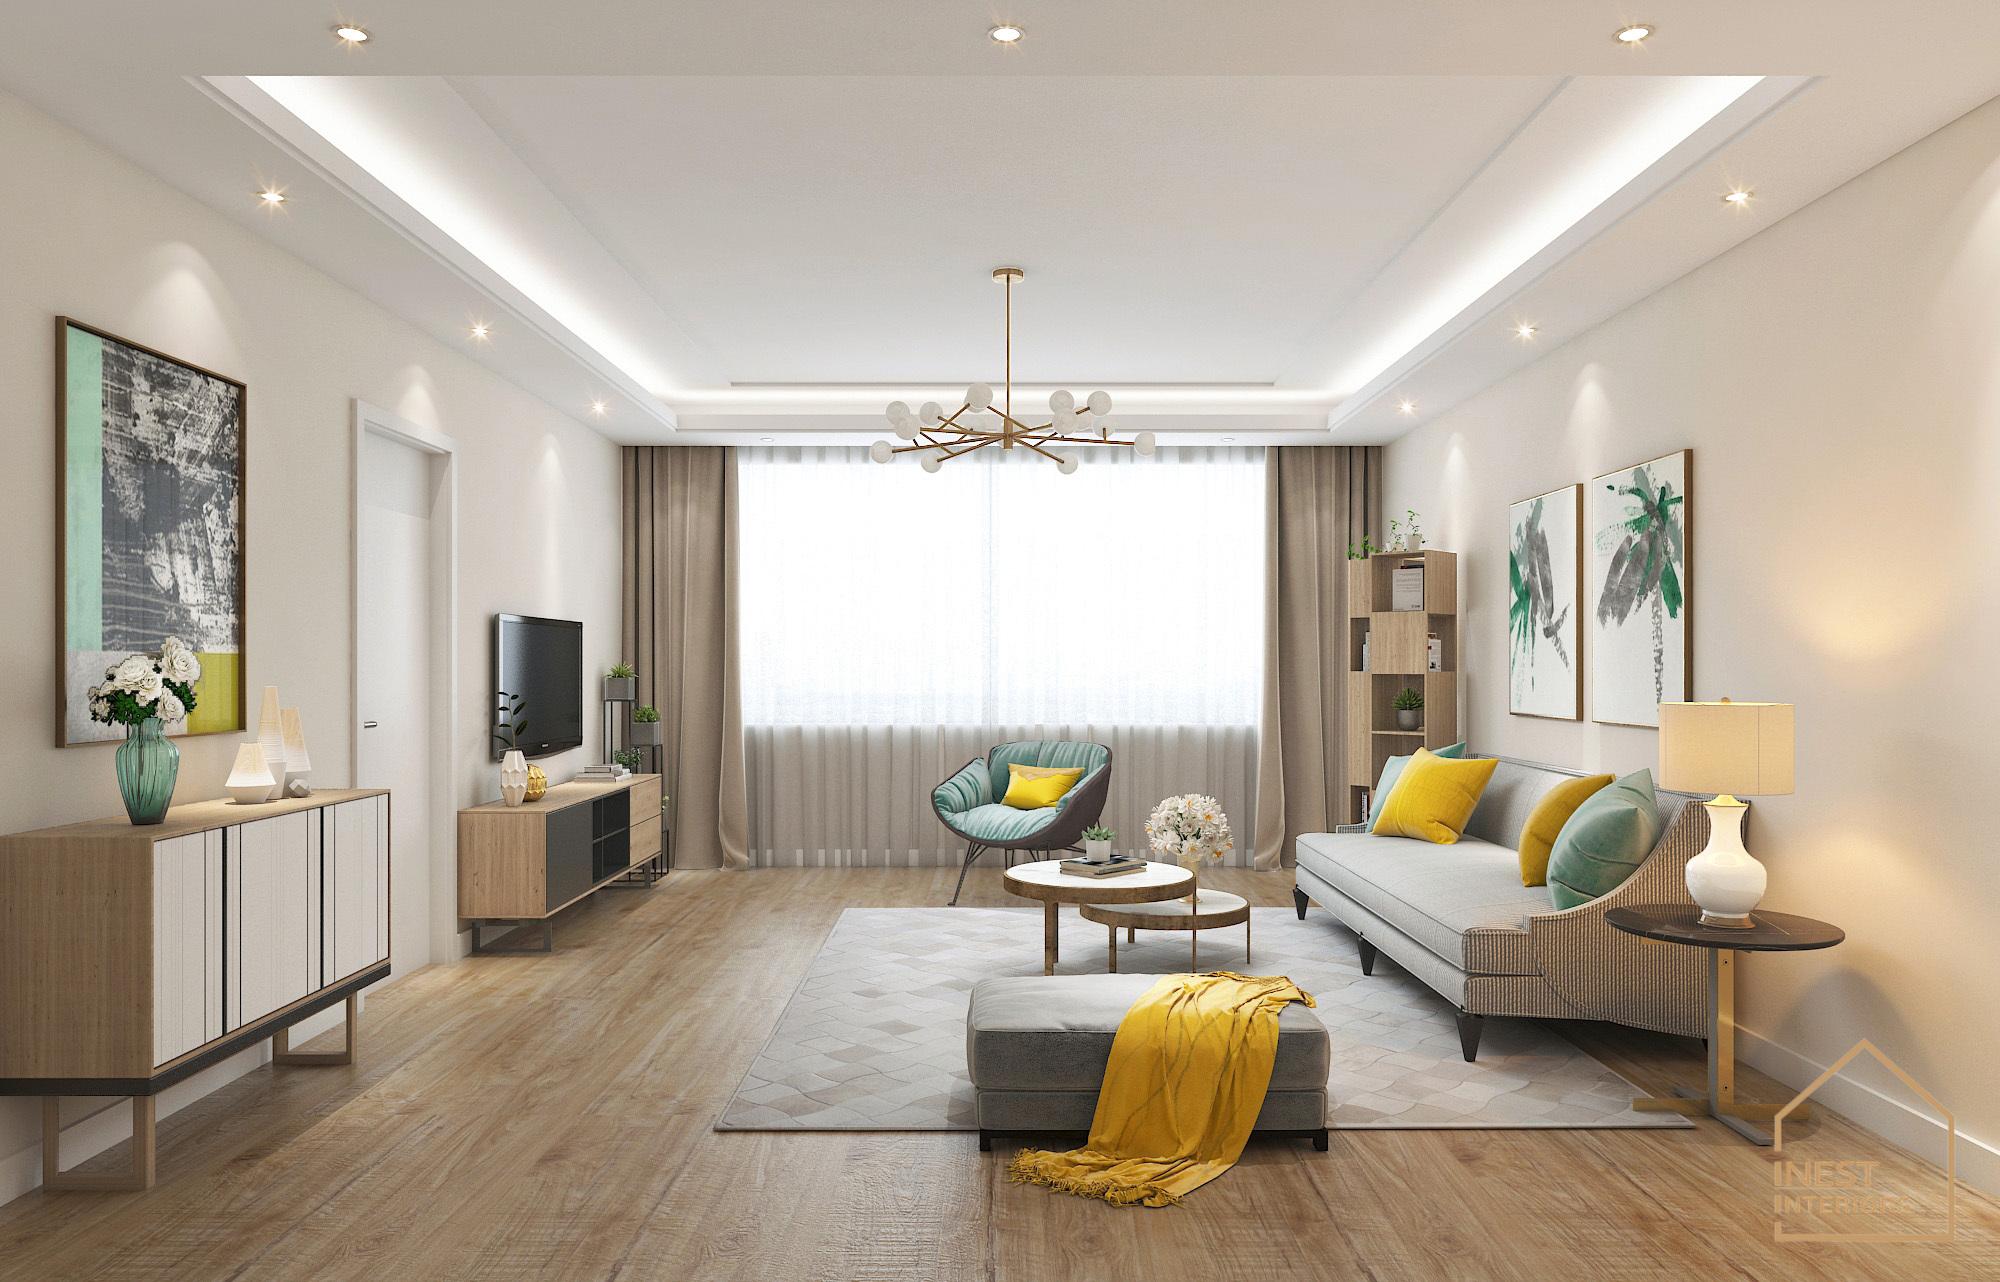 Thiết kế nội thất 3 phòng ngủ cao cấp